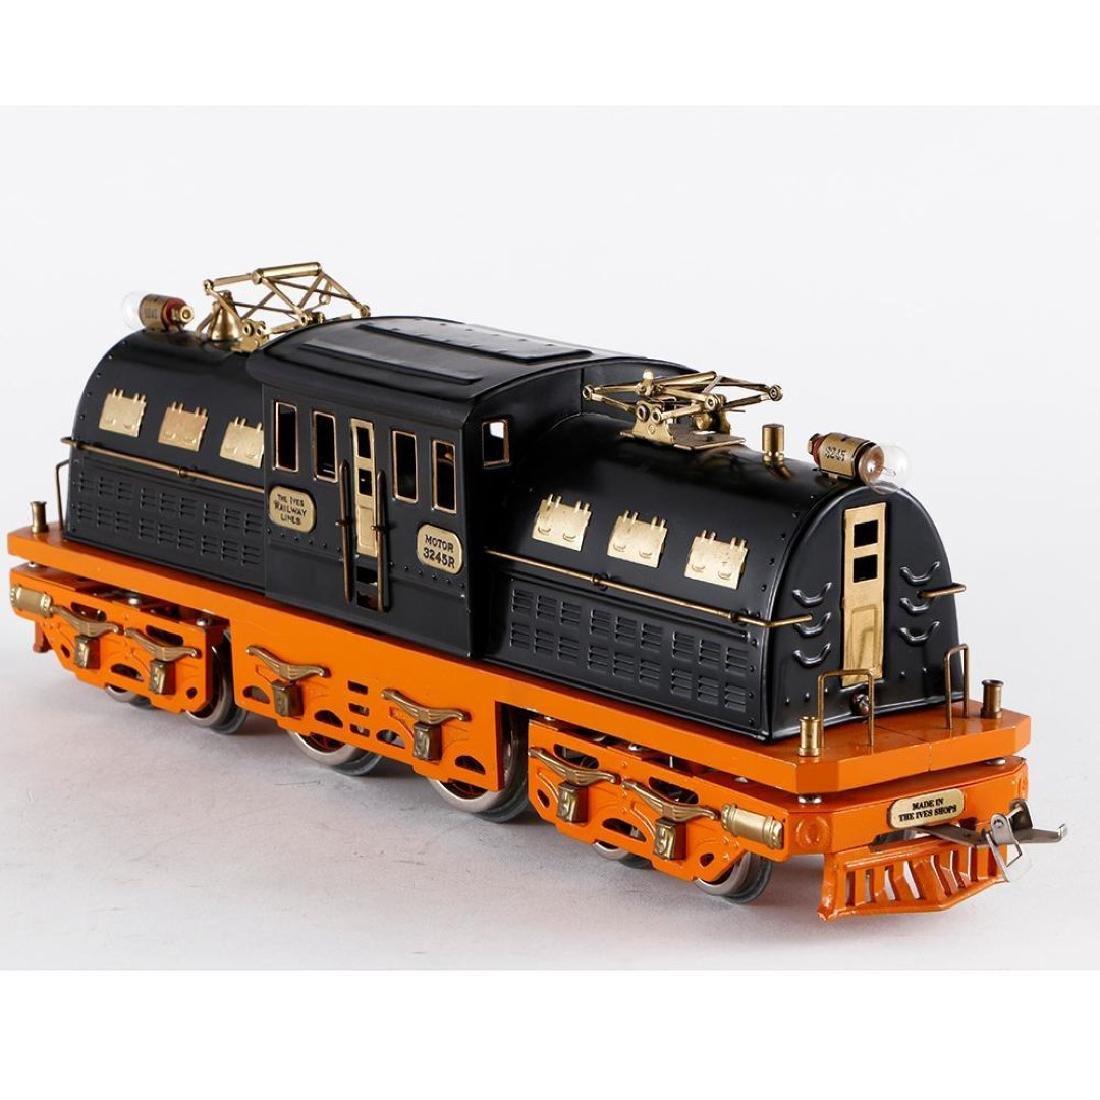 Ives Standard Gauge 3245R Reproduction Locomotive - 2